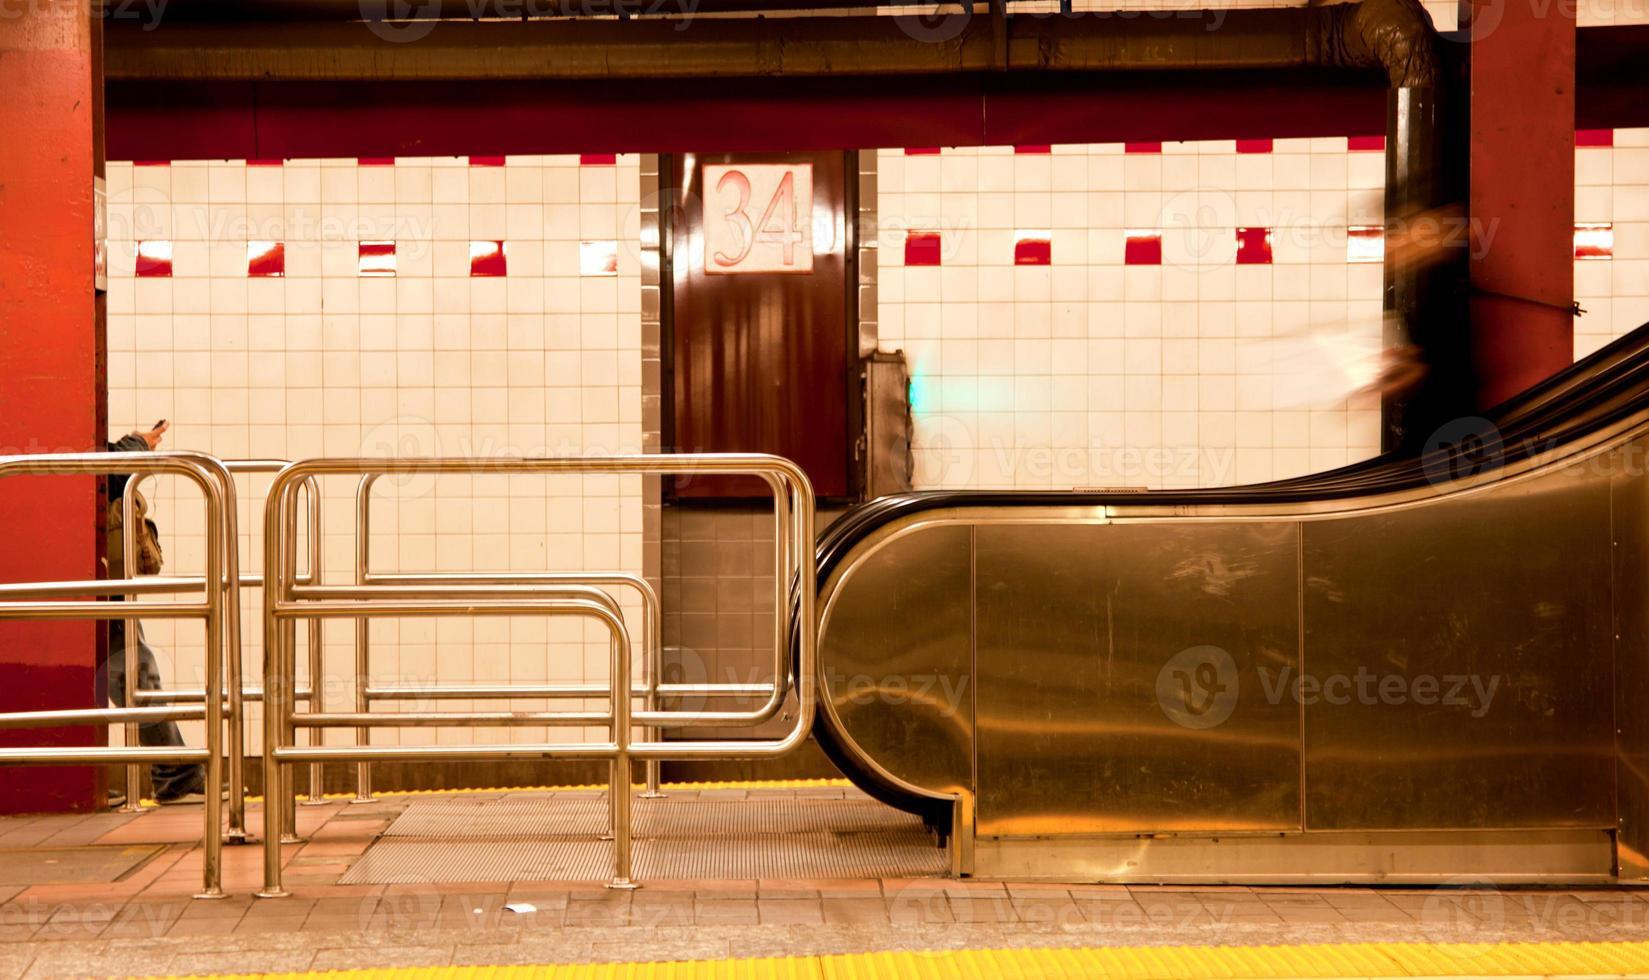 station de métro à new york city photo